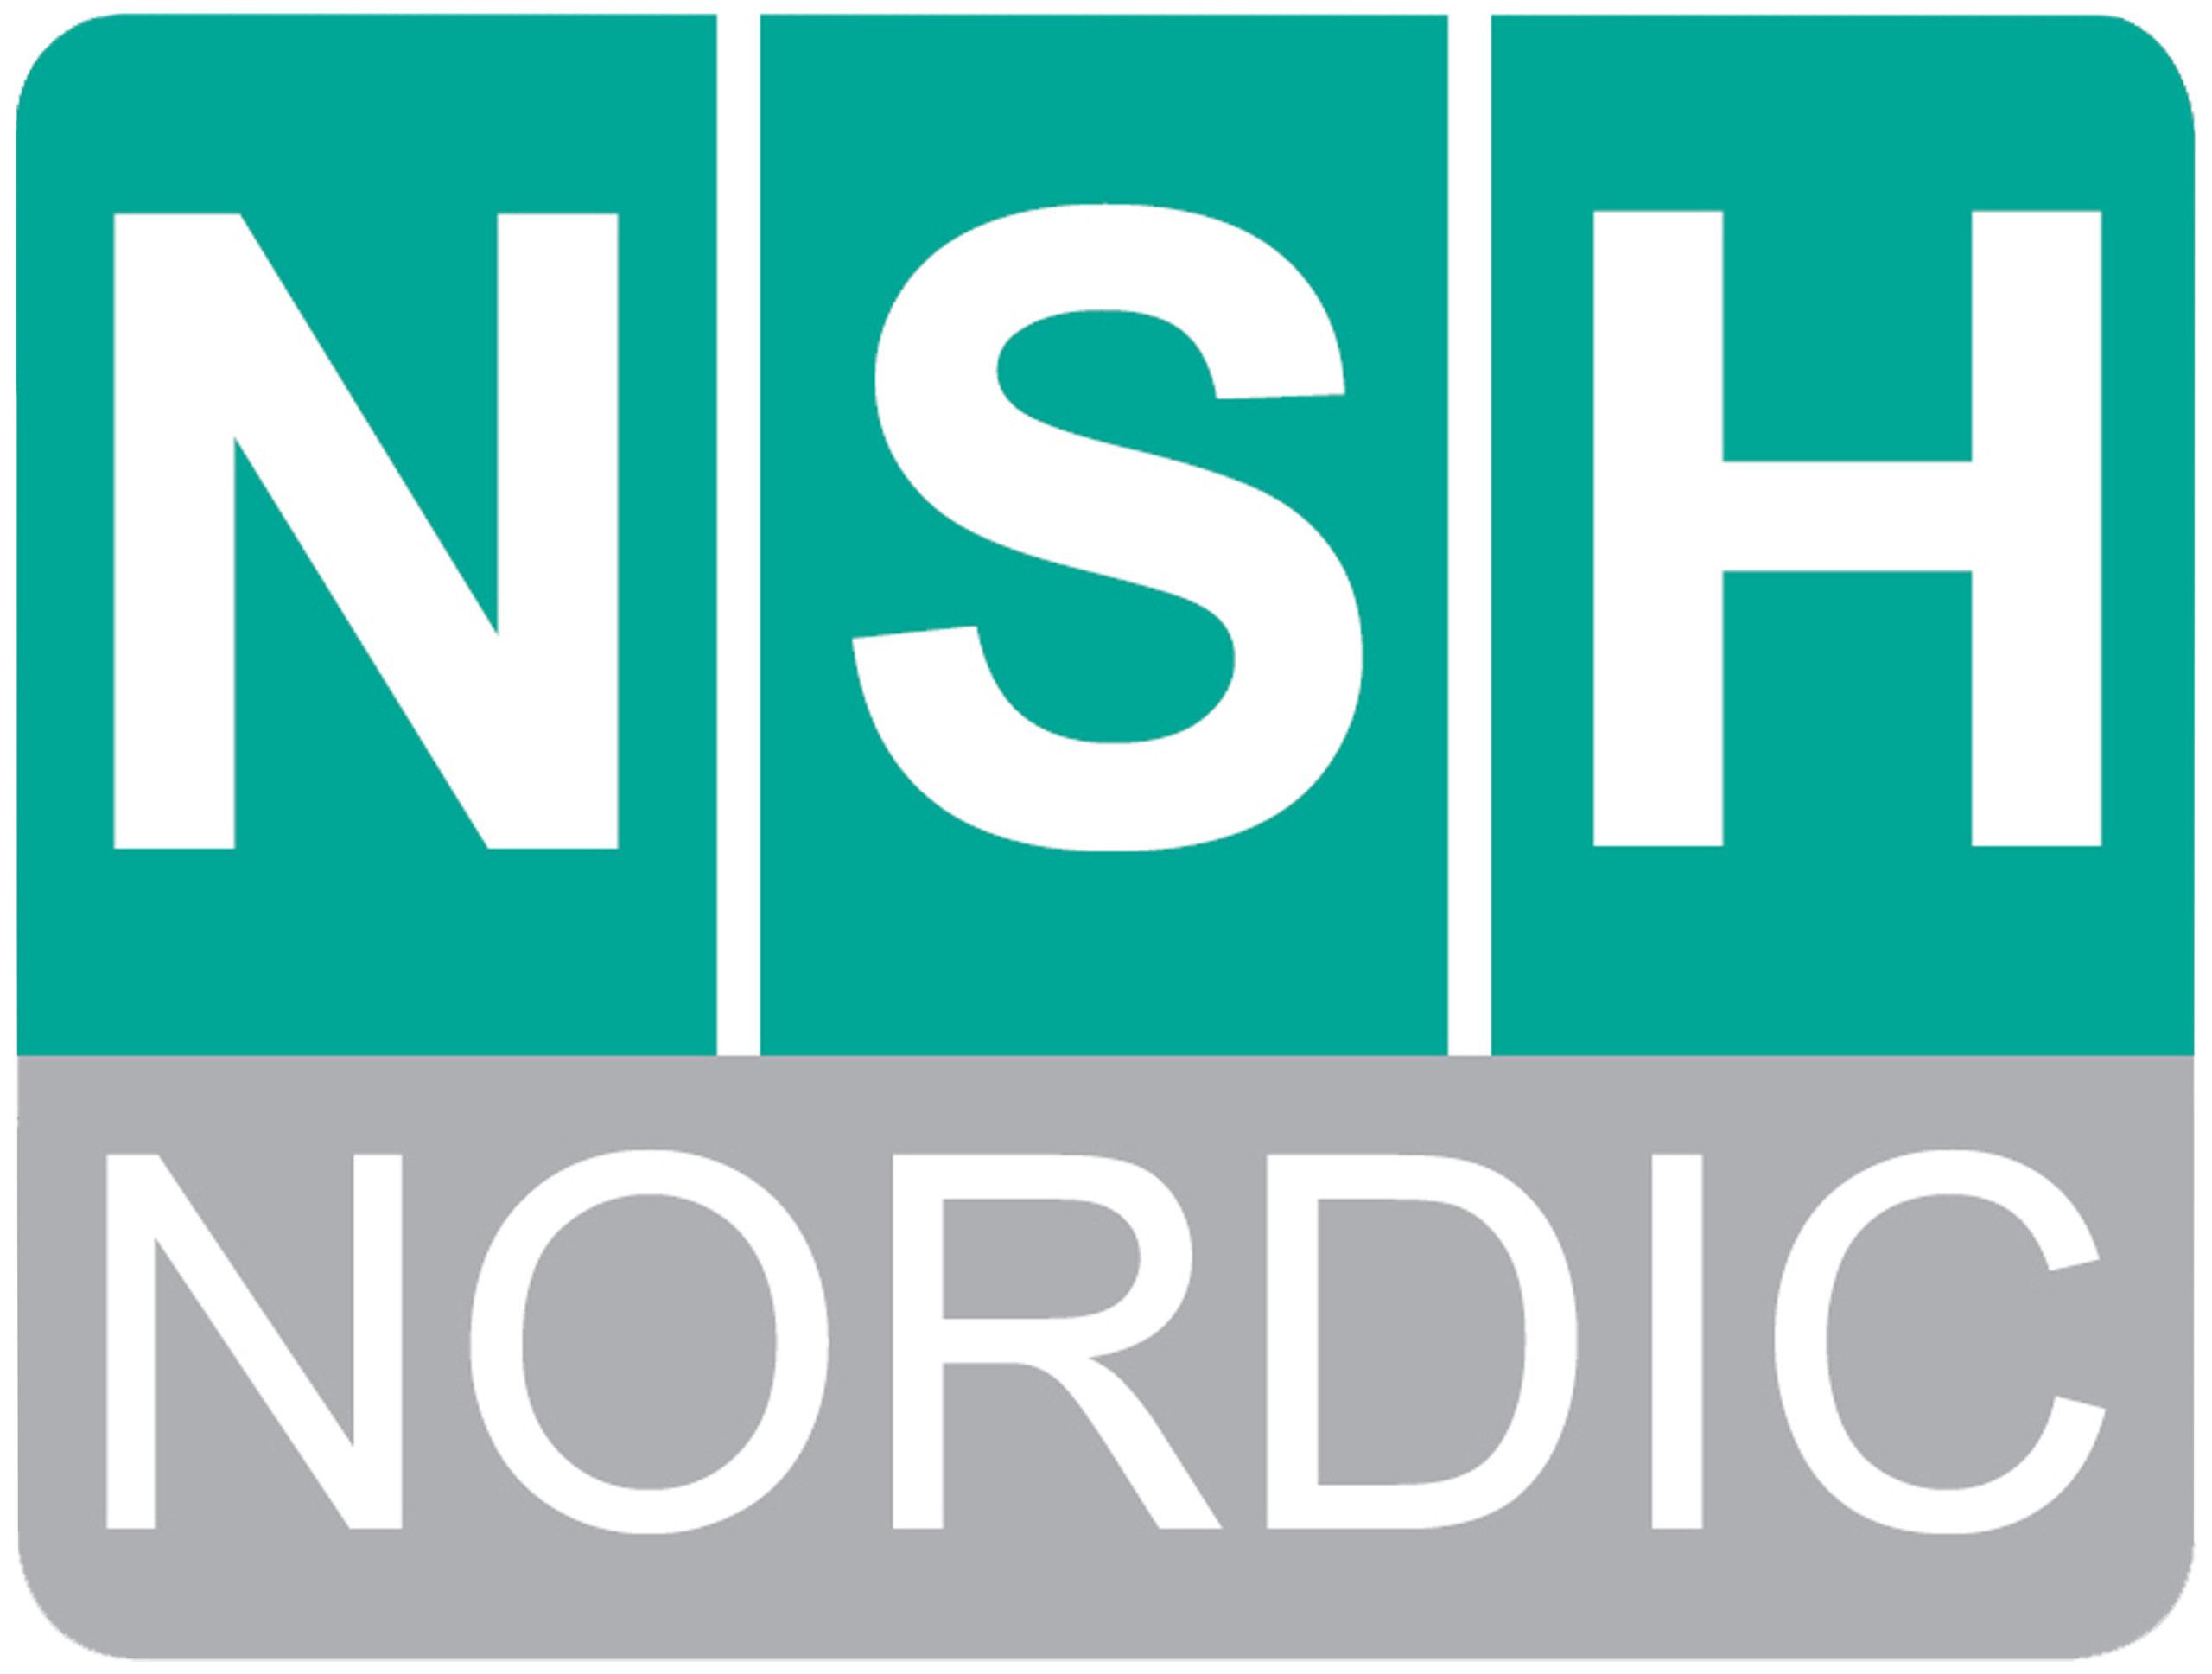 NSH NORDIC logo